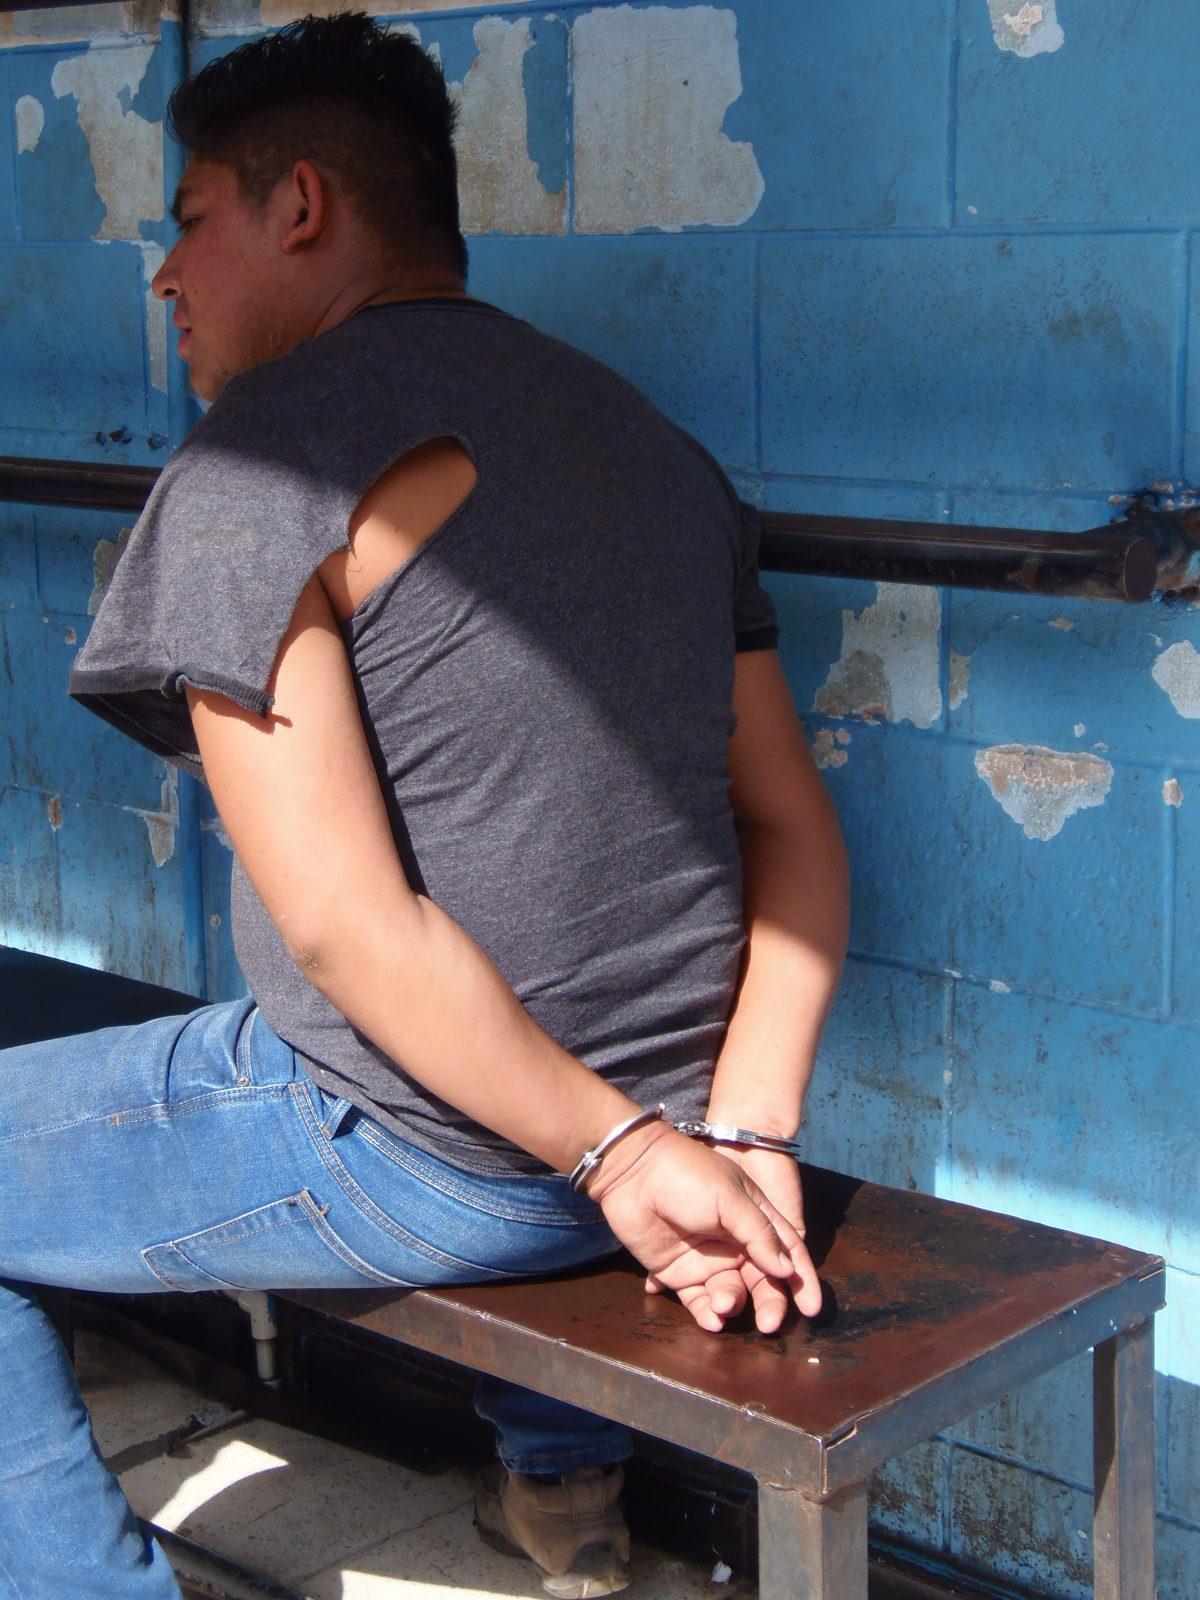 Dos supuestos miembros de pandillas con orden de captura activa son detenidos por la PNC